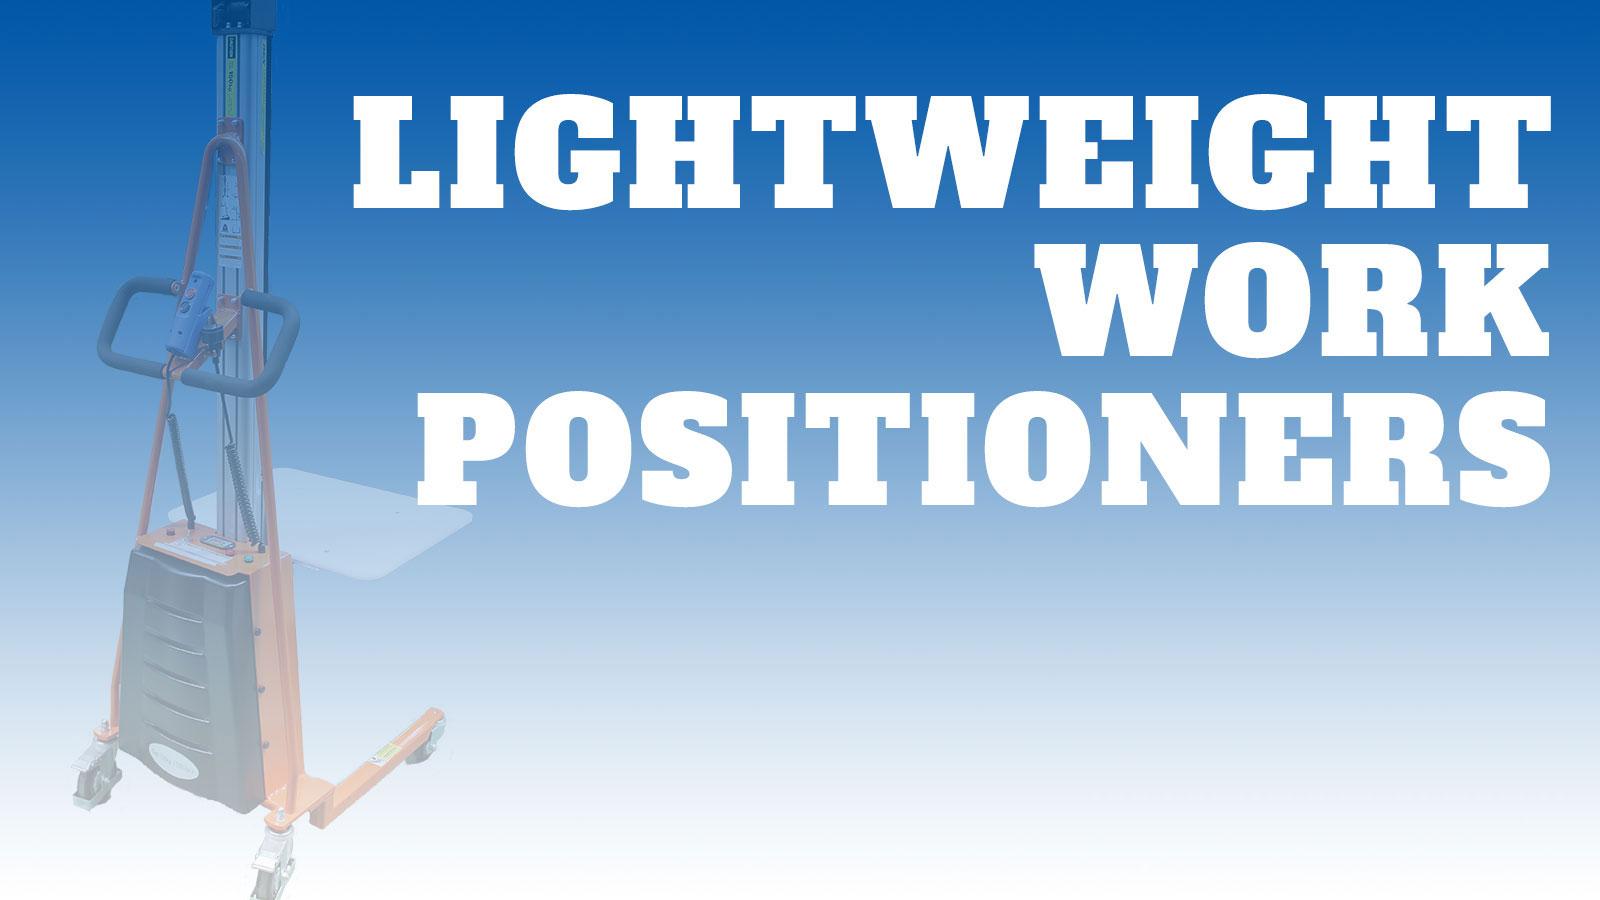 Lifting-Lightweight-Work